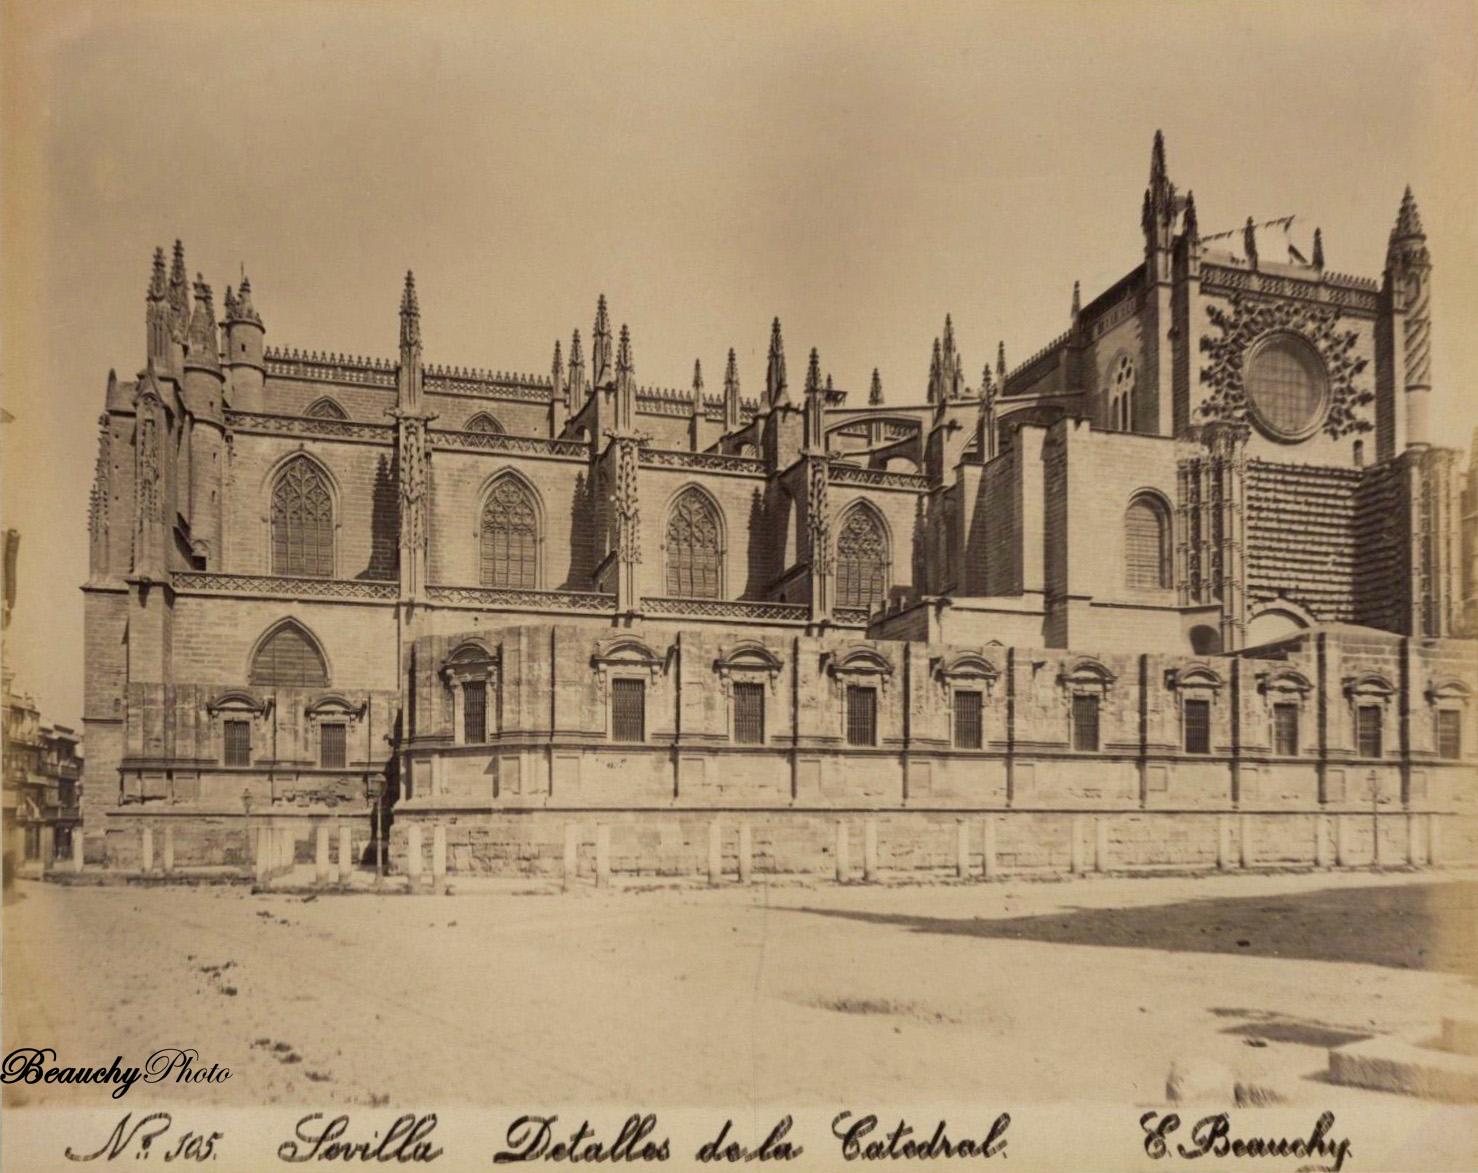 Beauchyphoto_Detalles_de_la_Catedral_Sevilla_Emilio_Beauchy_Cano_fotografias_antiguas_postales_vistas_y_monumentos